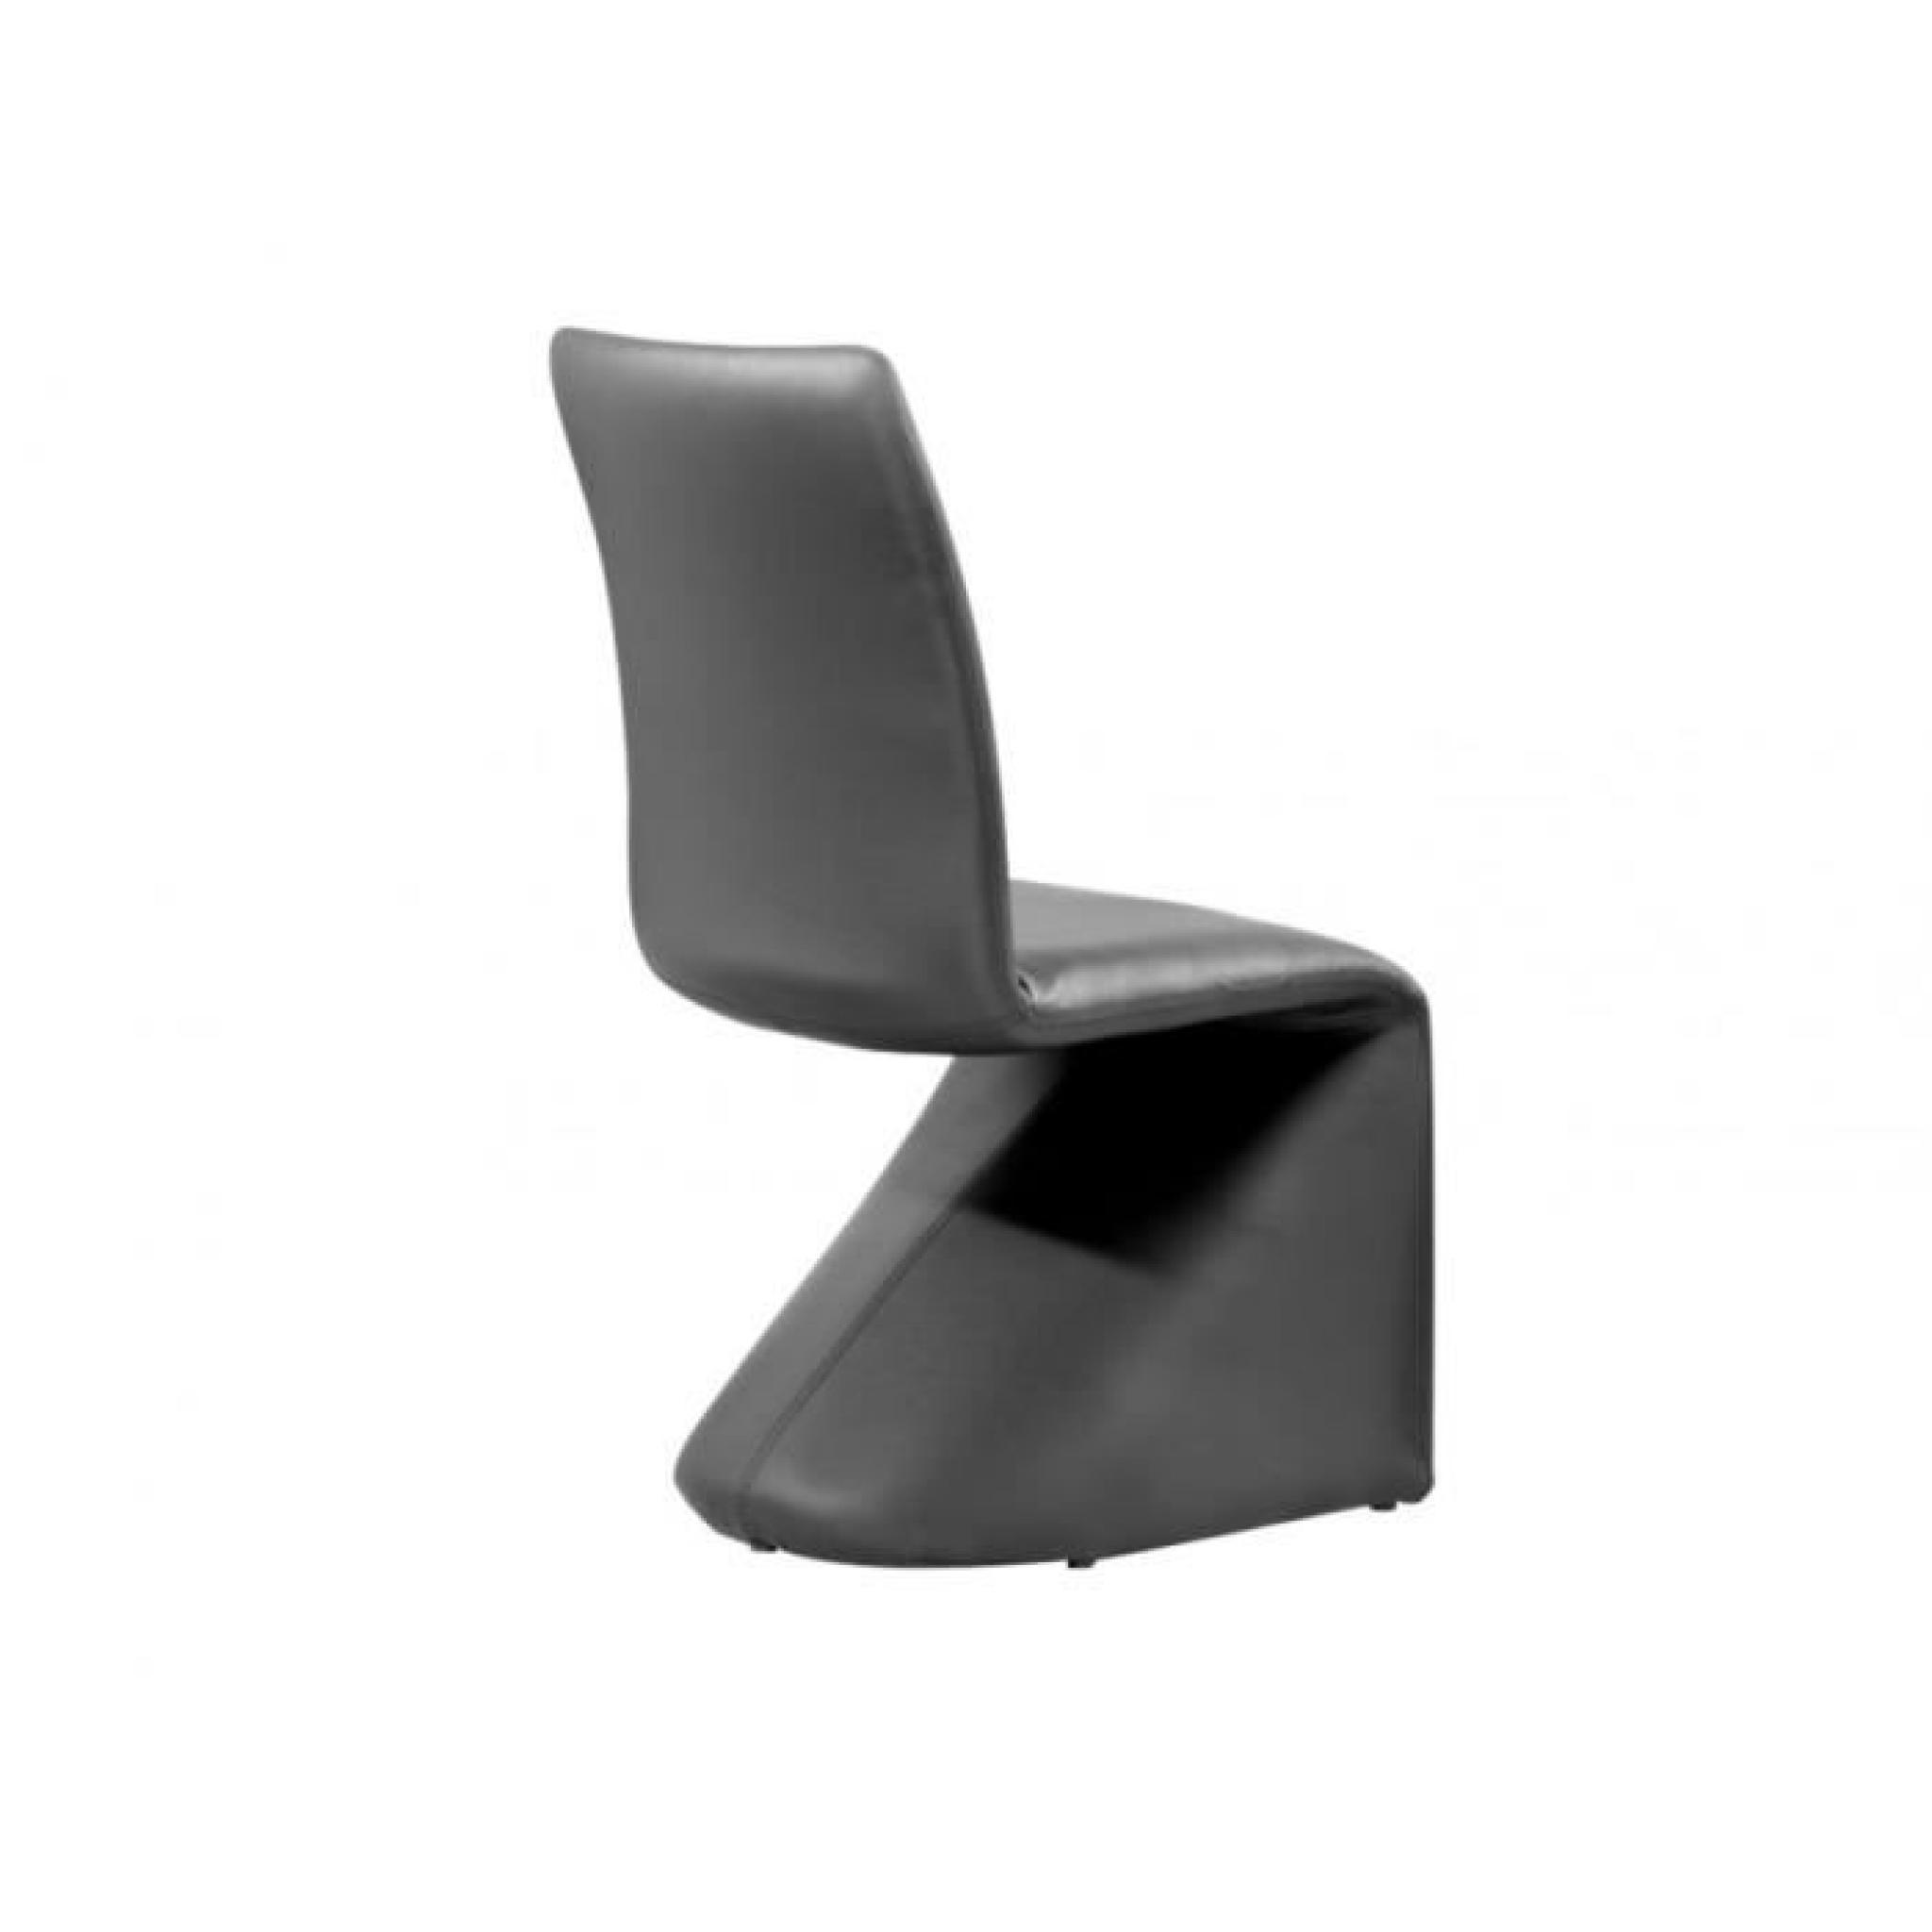 lot de 2 chaises wonka simili noir pas cher - Vente De Chaises